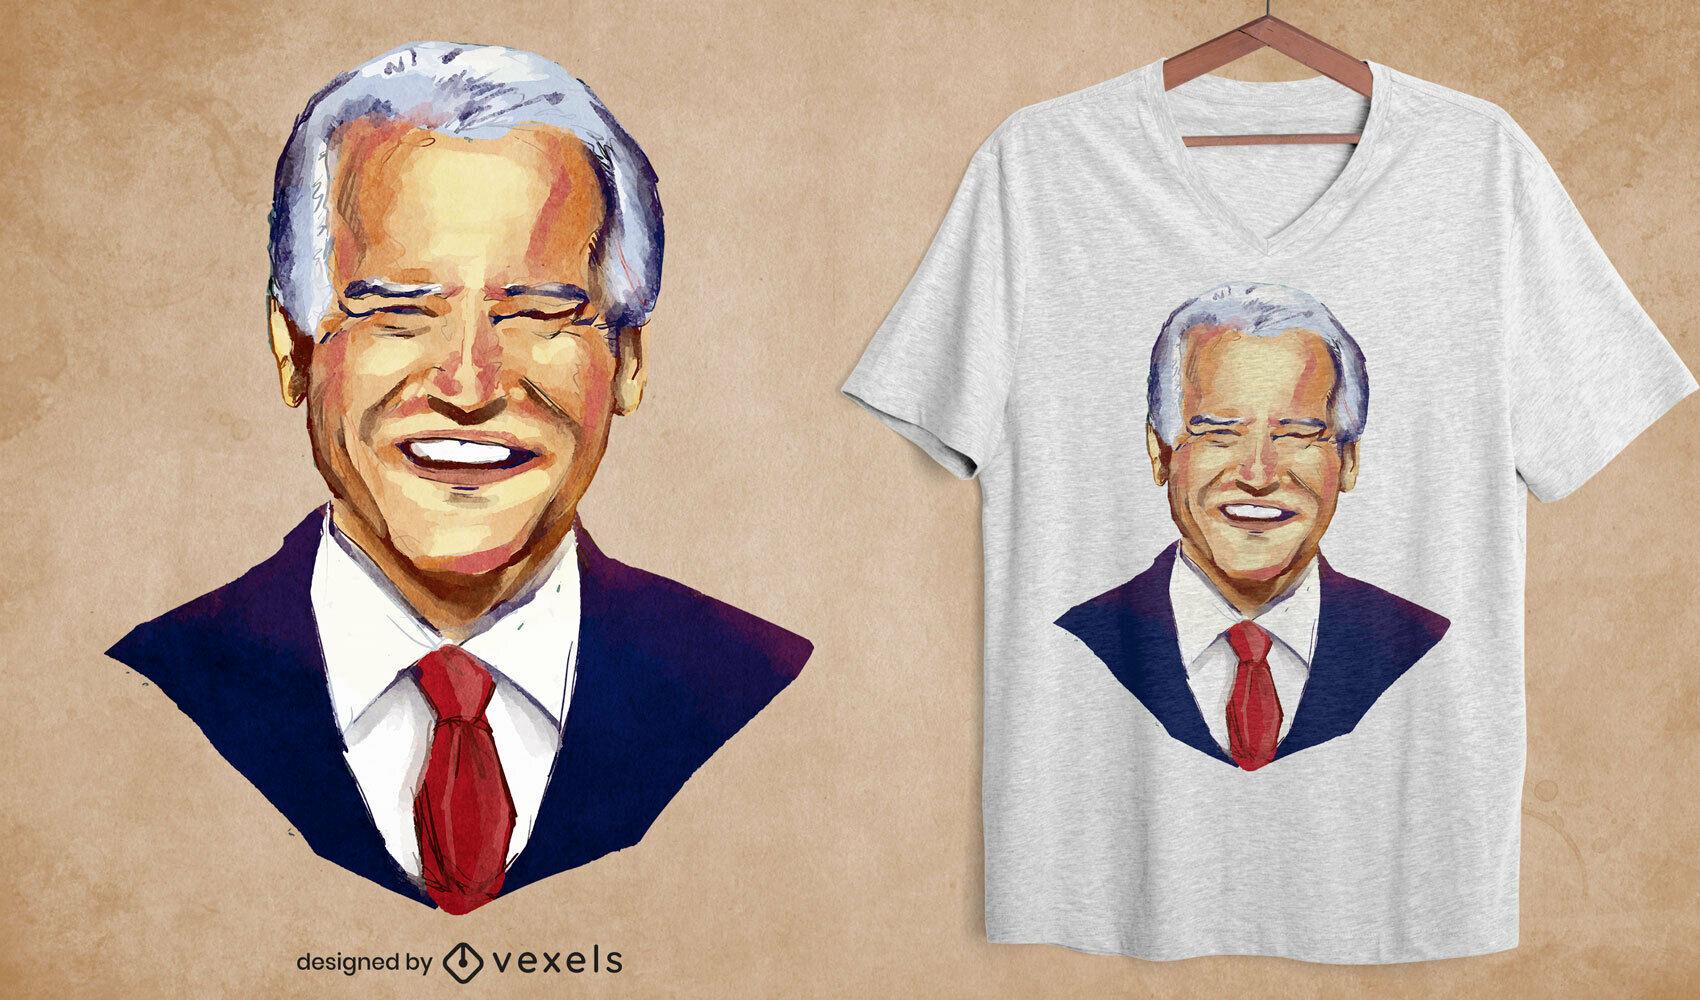 Biden watercolor portrait t-shirt design